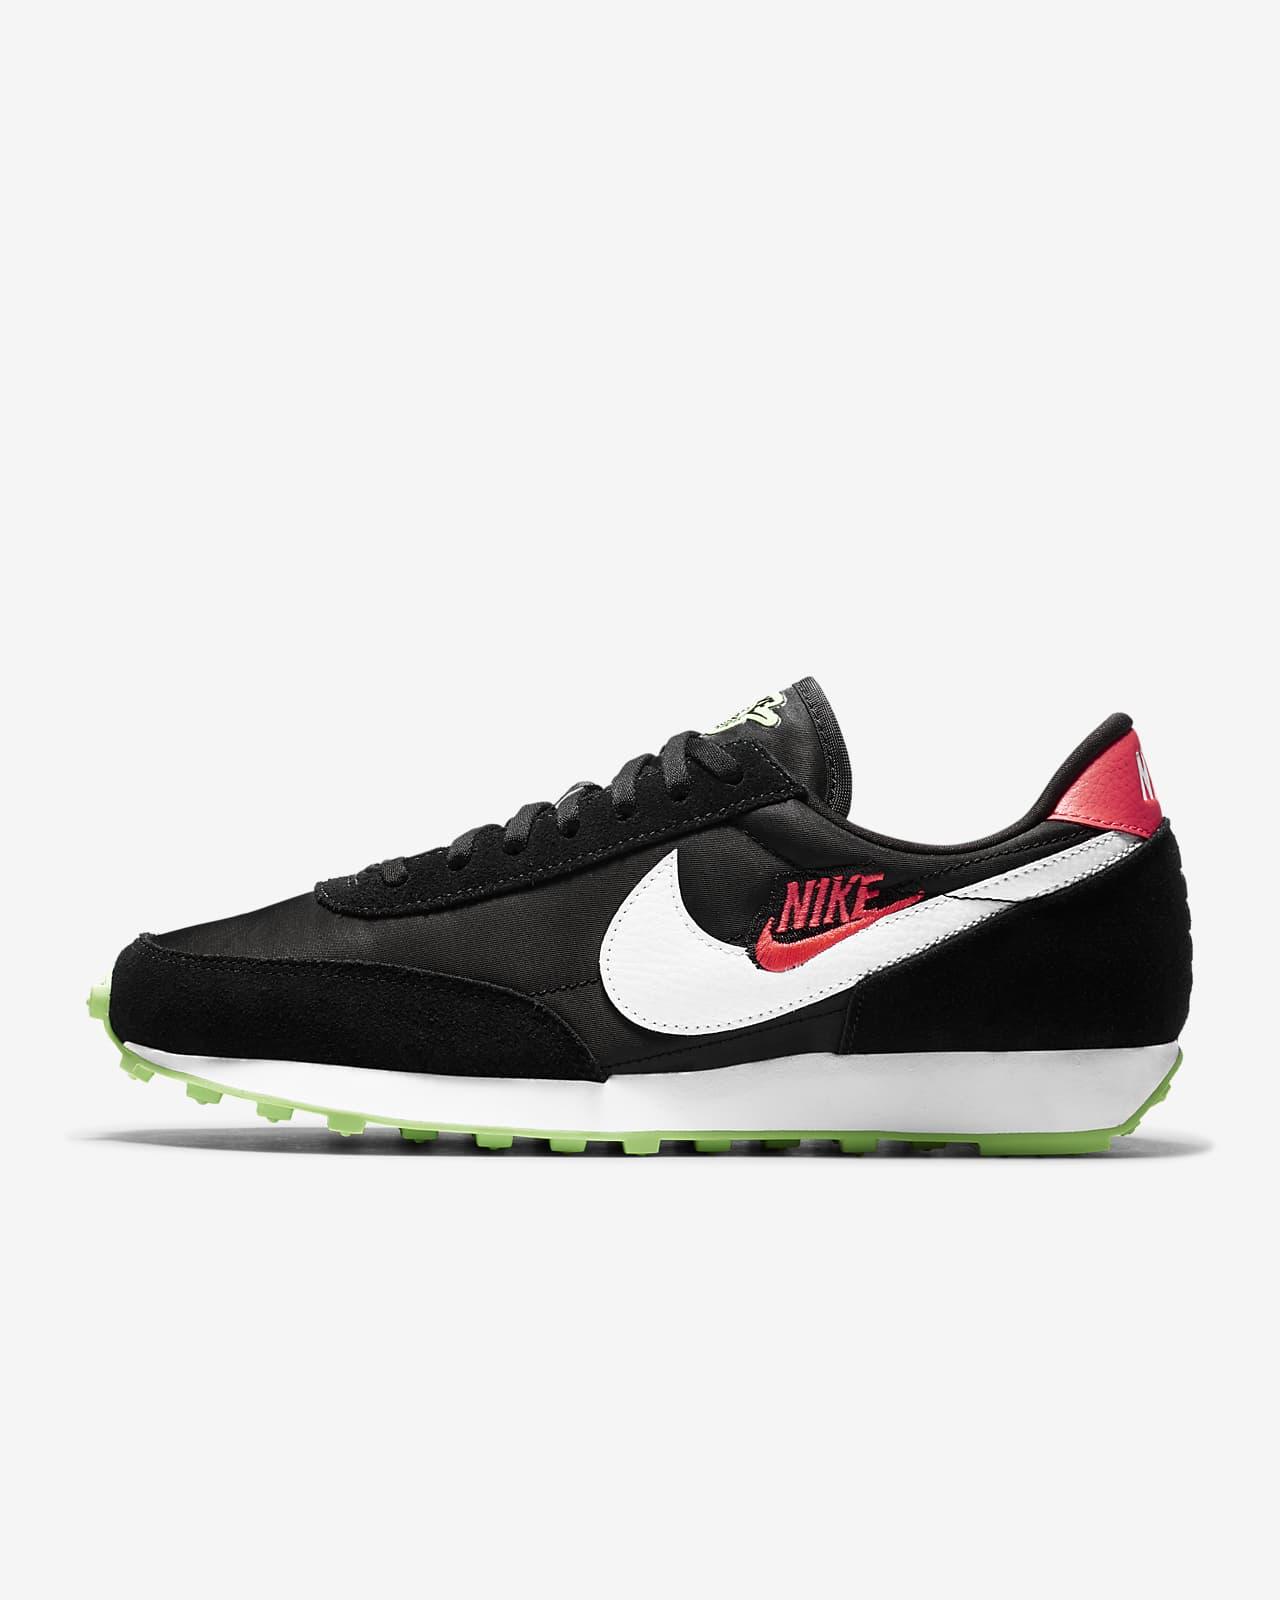 Nike Daybreak SE Women's Shoe